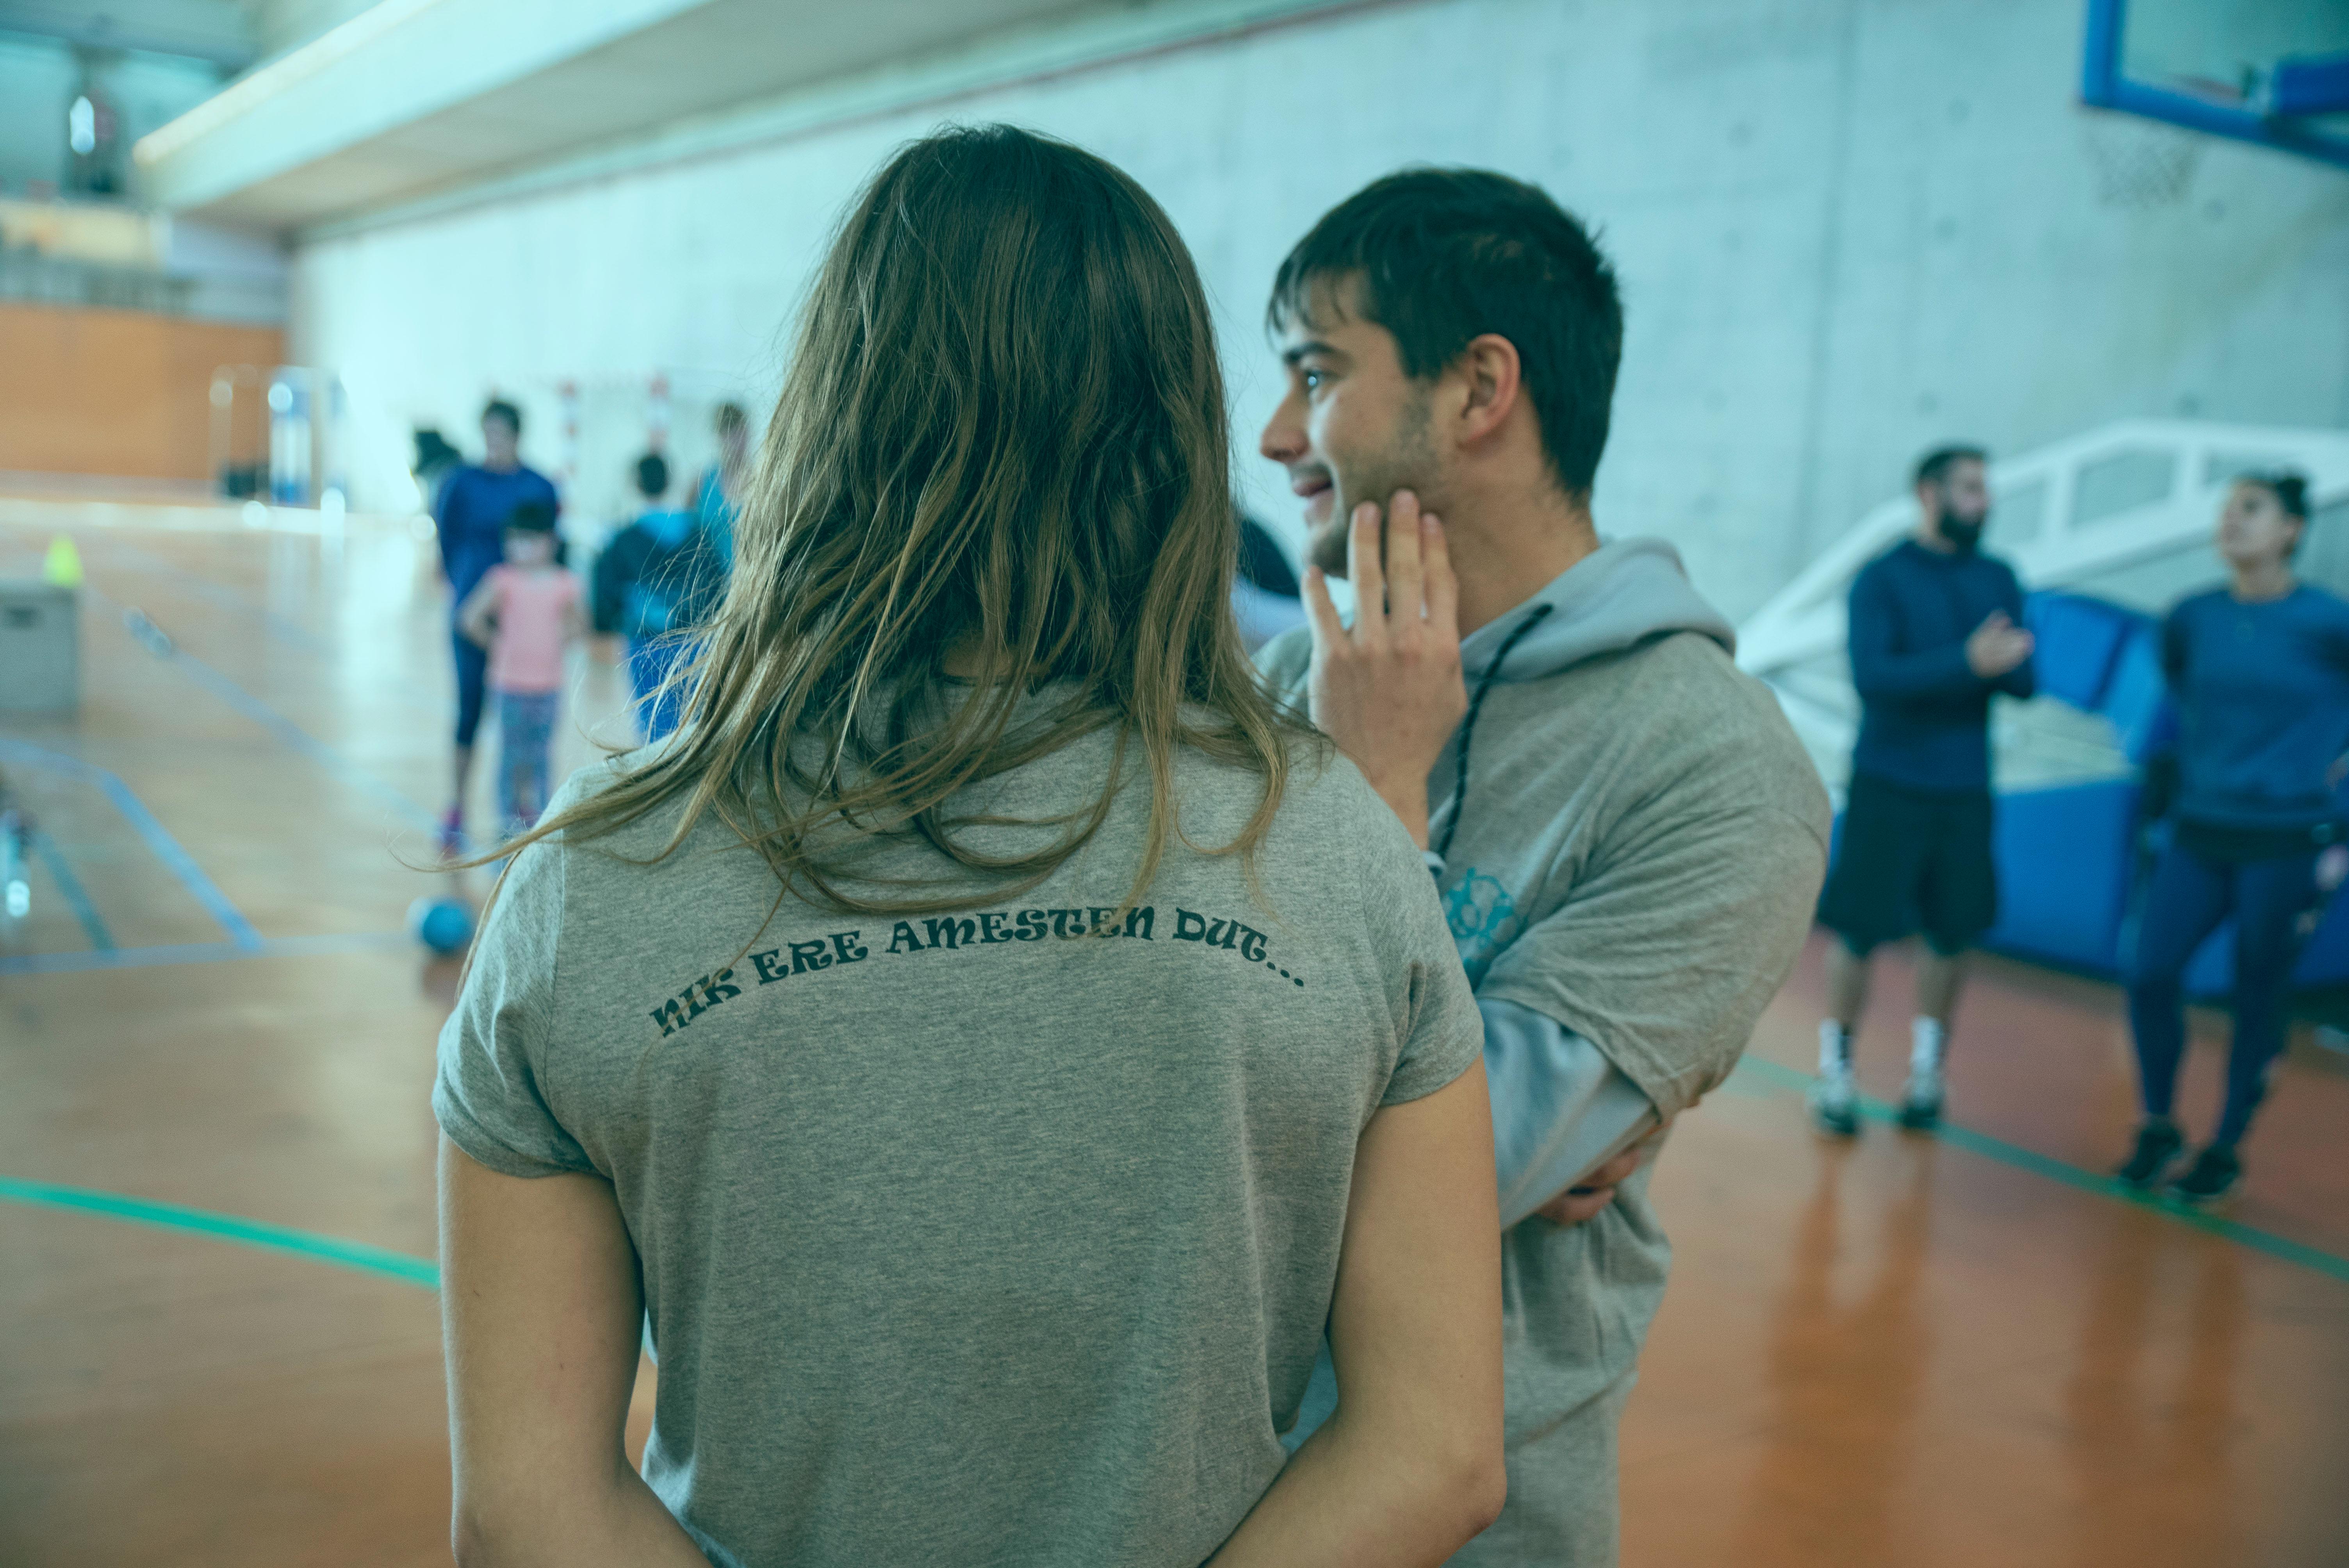 Persona de espaldas con una camiseta donde se lee: 'Nik ere amesten dut...' (Yo también sueño).